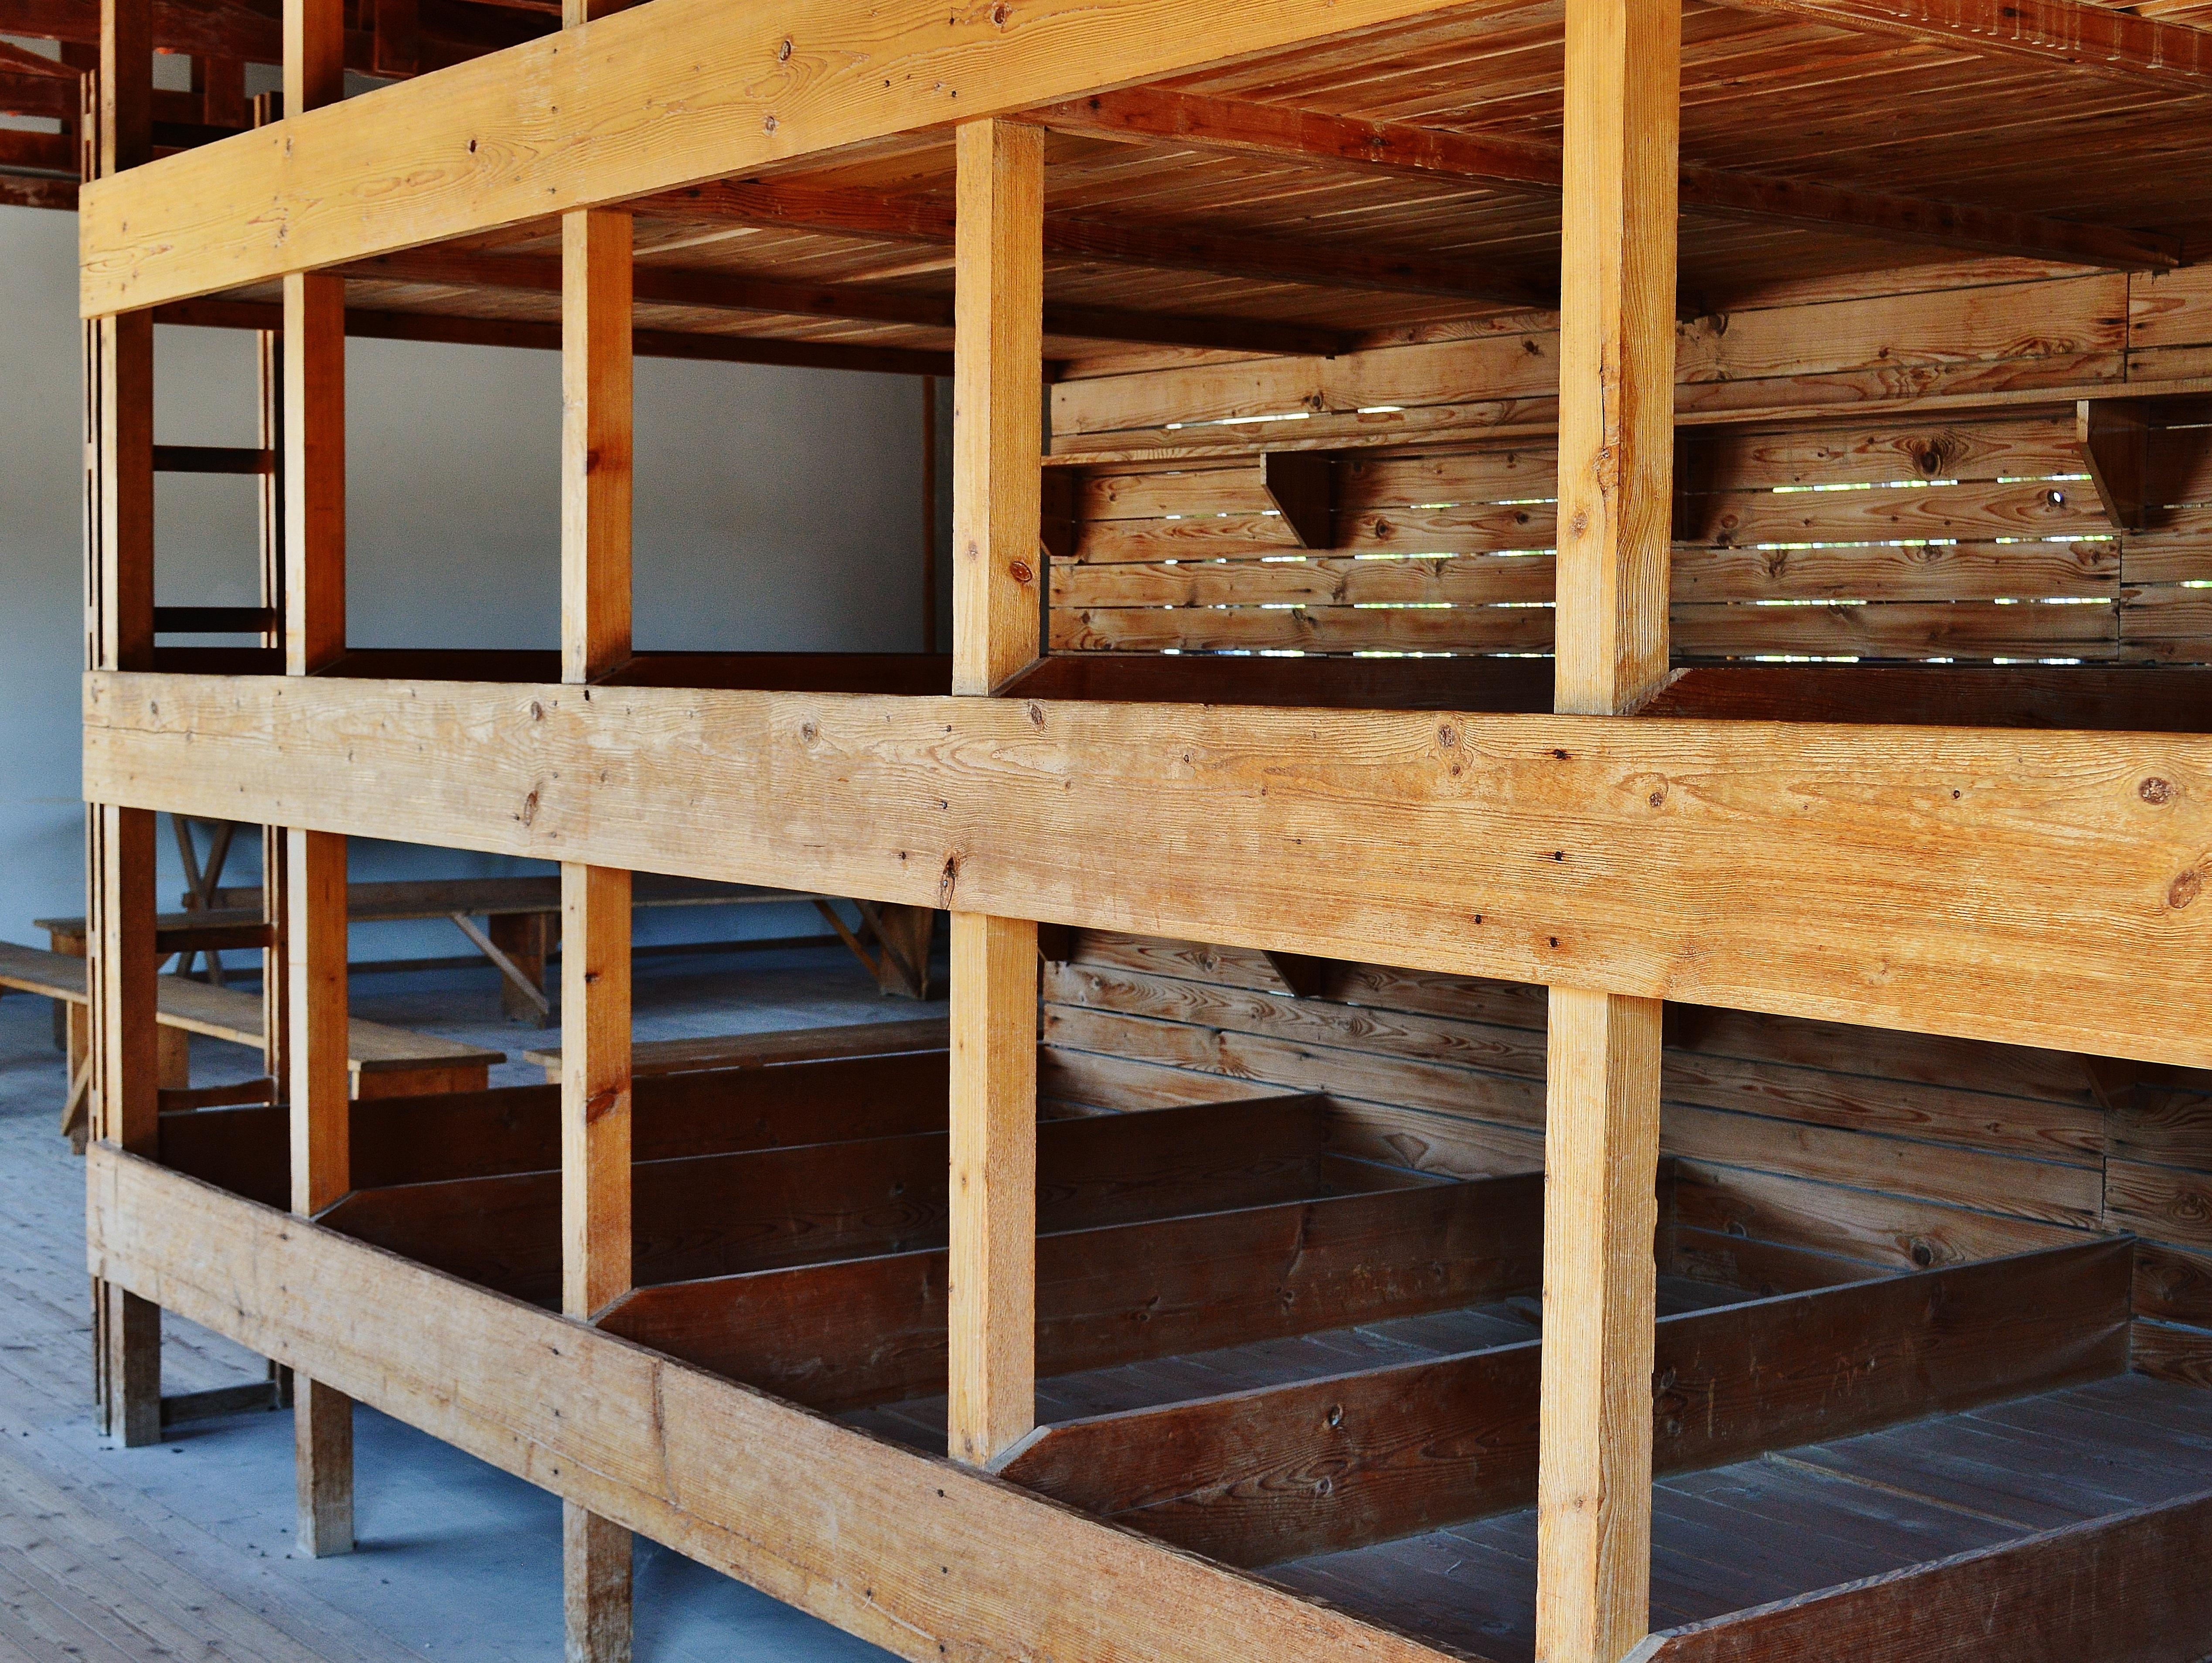 bakgrundsbilder tr golv skjul str le hylla m bel rum d d virke minnesm rke h rt. Black Bedroom Furniture Sets. Home Design Ideas